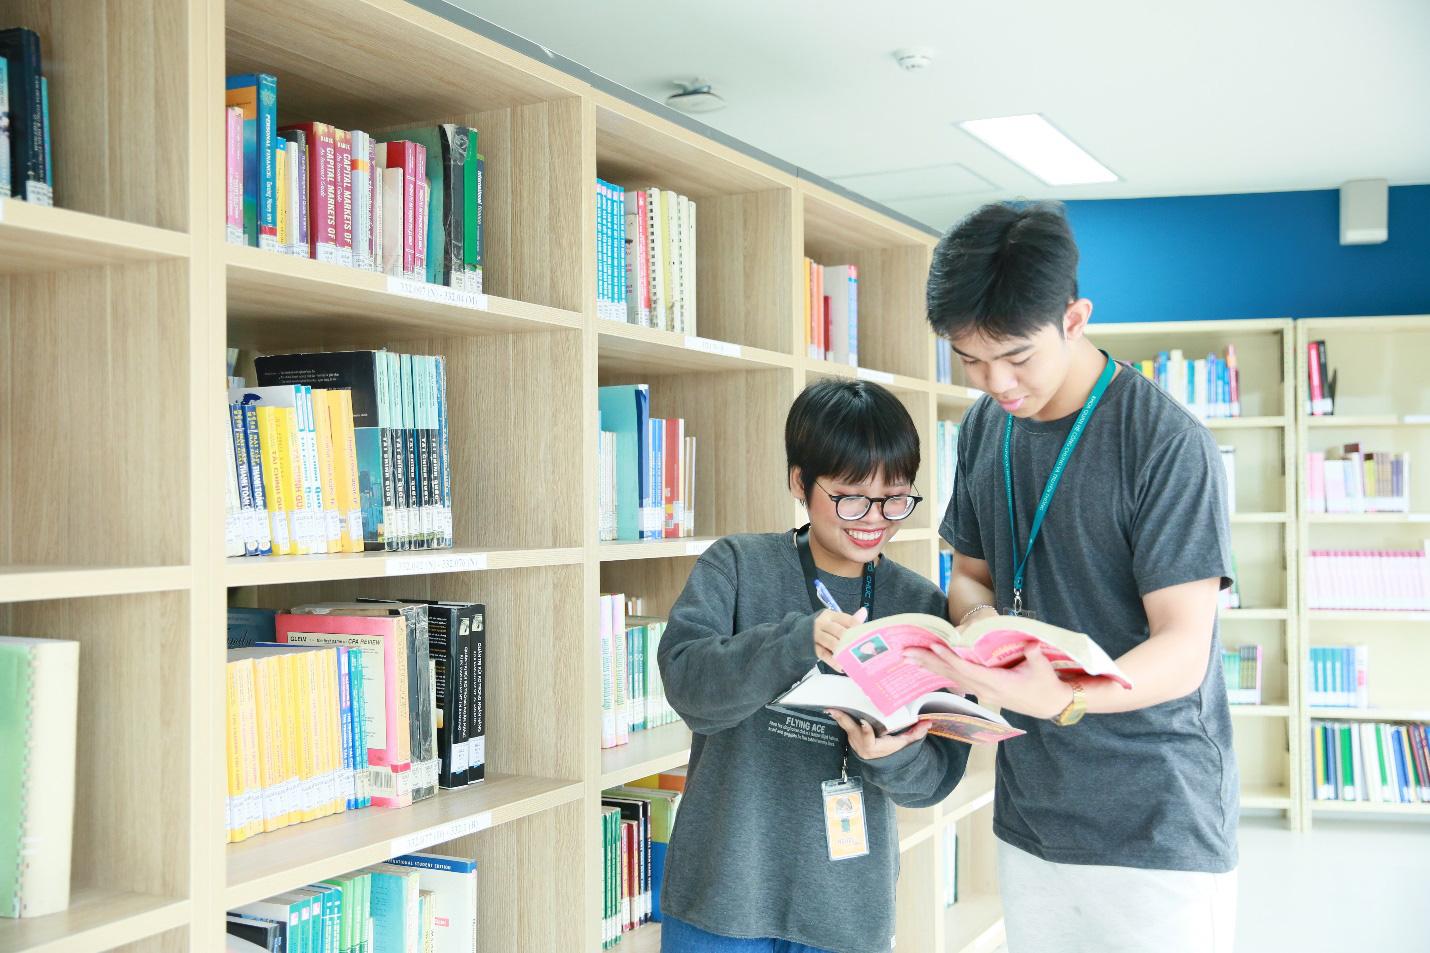 Truyền thông đa phương tiện: Thêm lựa chọn cho thí sinh thích nhóm ngành PR - Truyền thông tại Đại học Văn Lang - Ảnh 1.